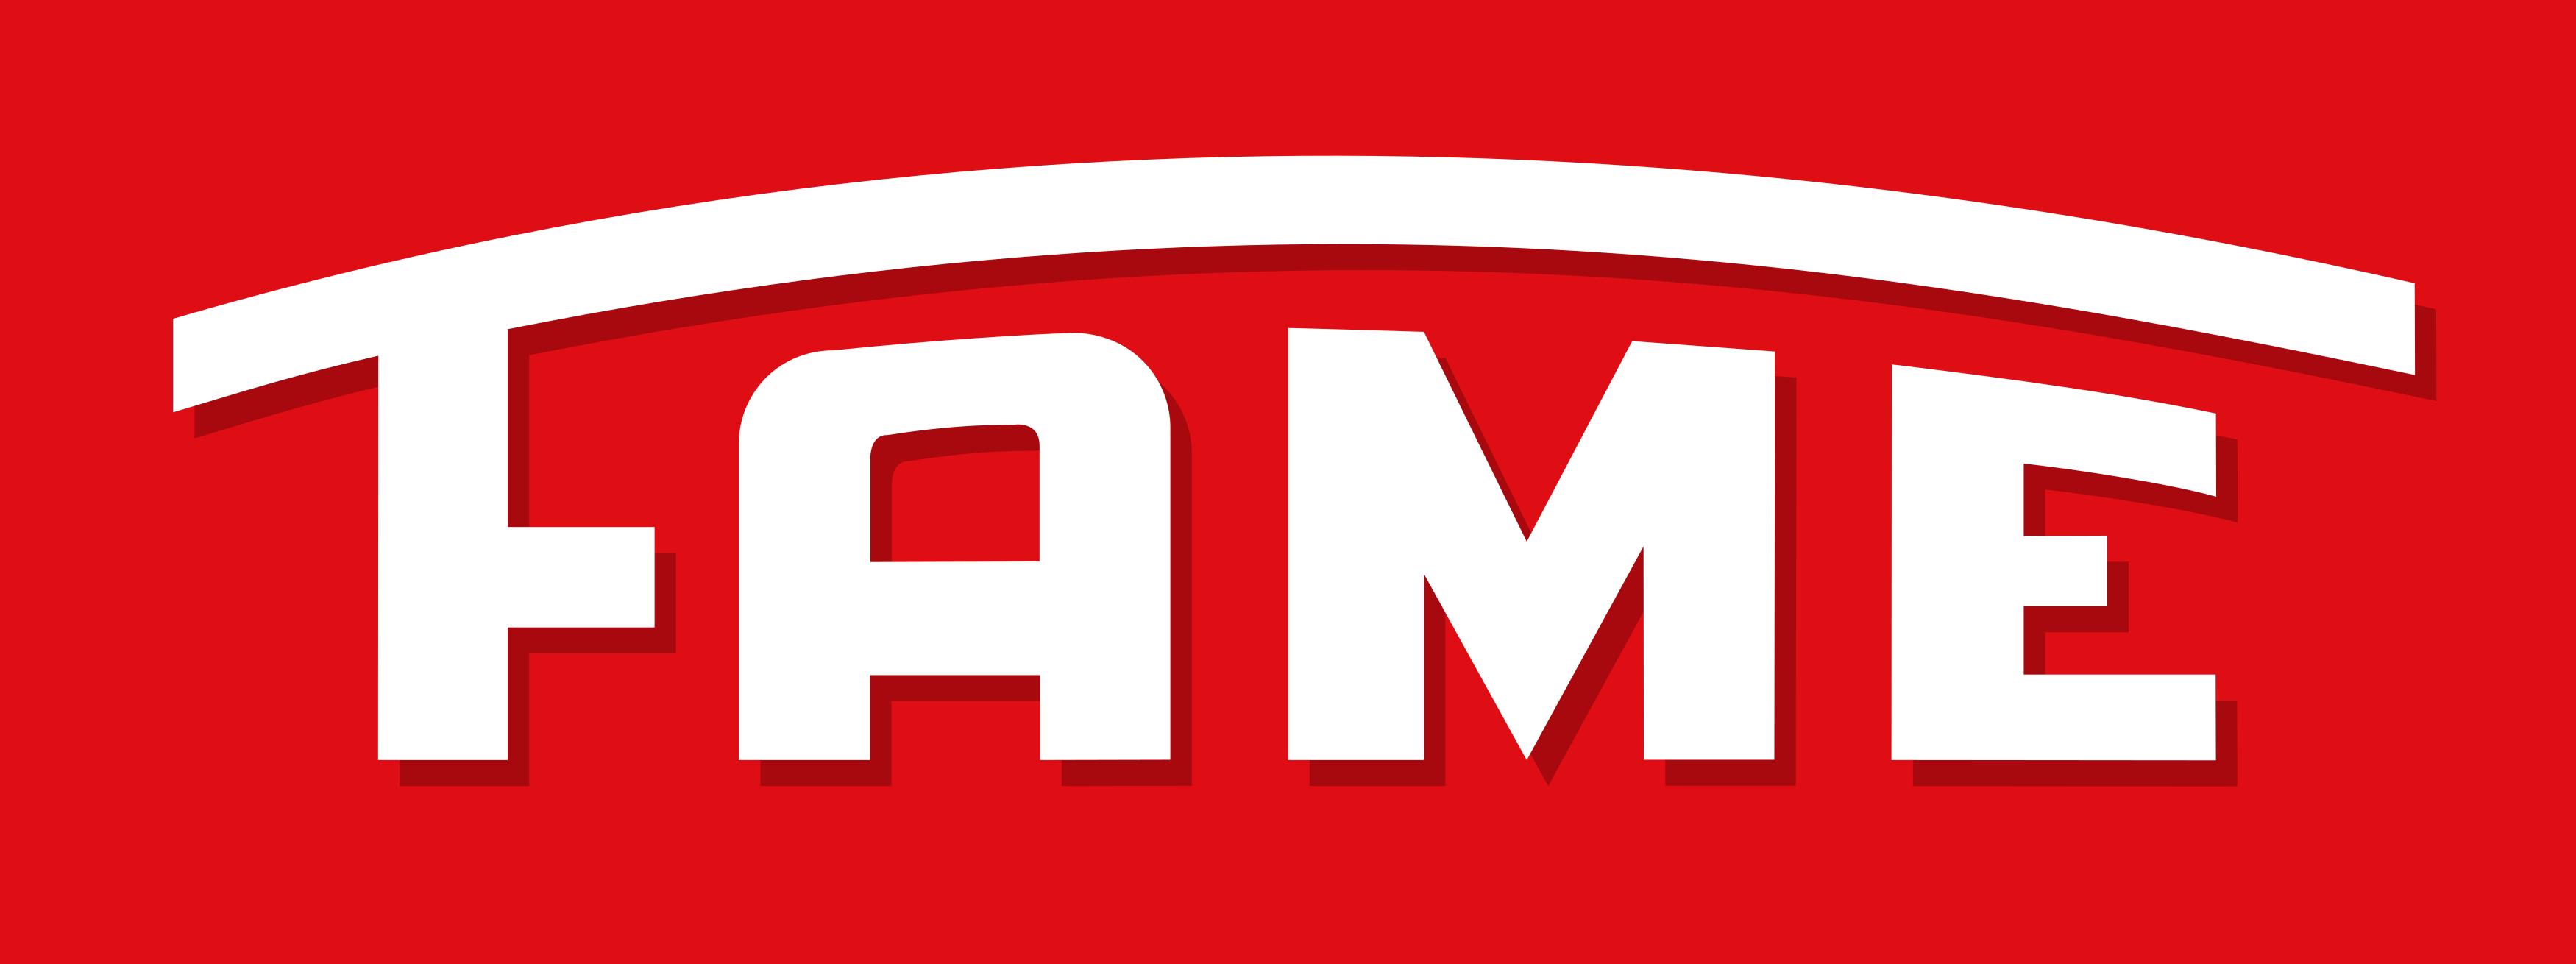 fame logo 1 - Fame Logo